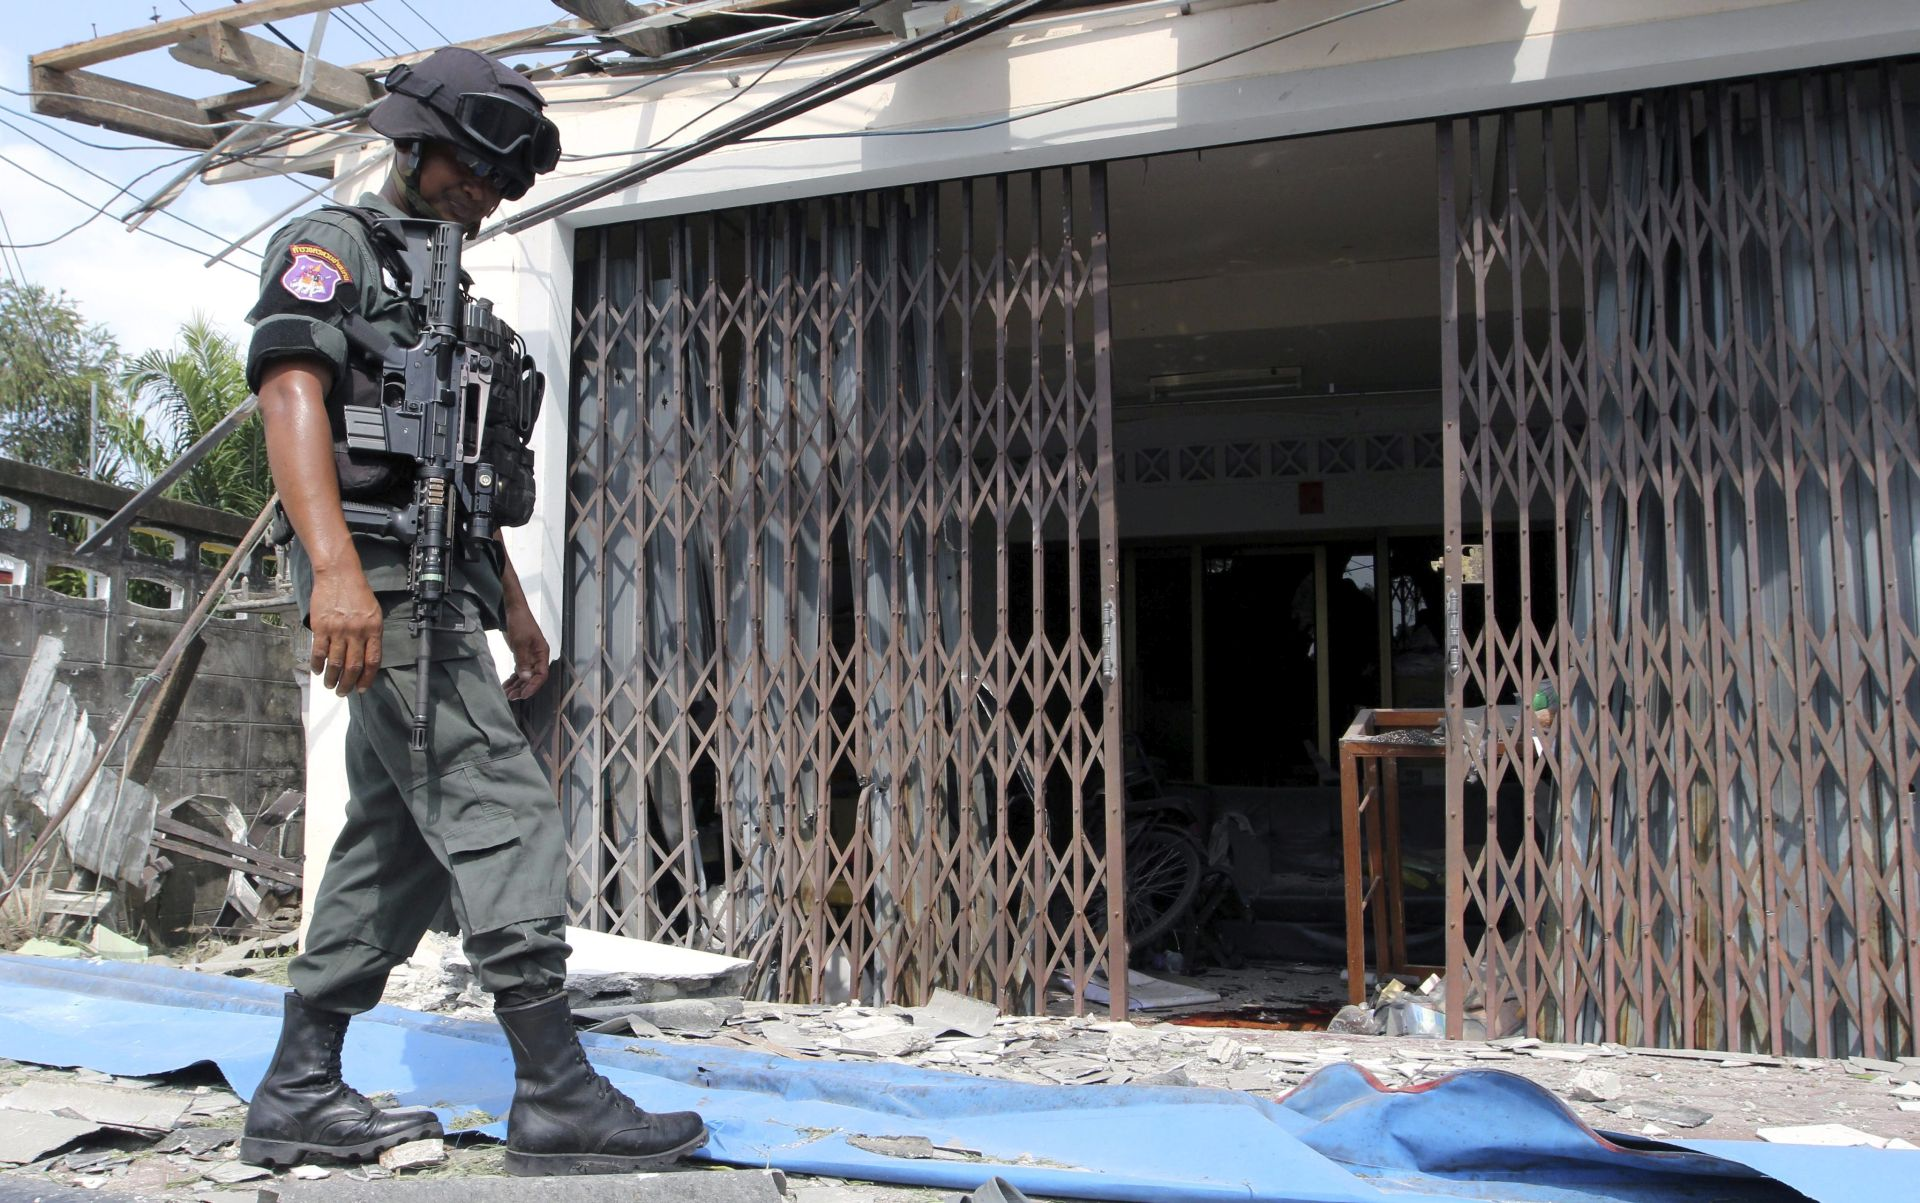 TAJLAND Sedam eksplozija u muslimanskom okrugu, najmanje jedna osoba poginula, ozlijeđeno pet policajaca